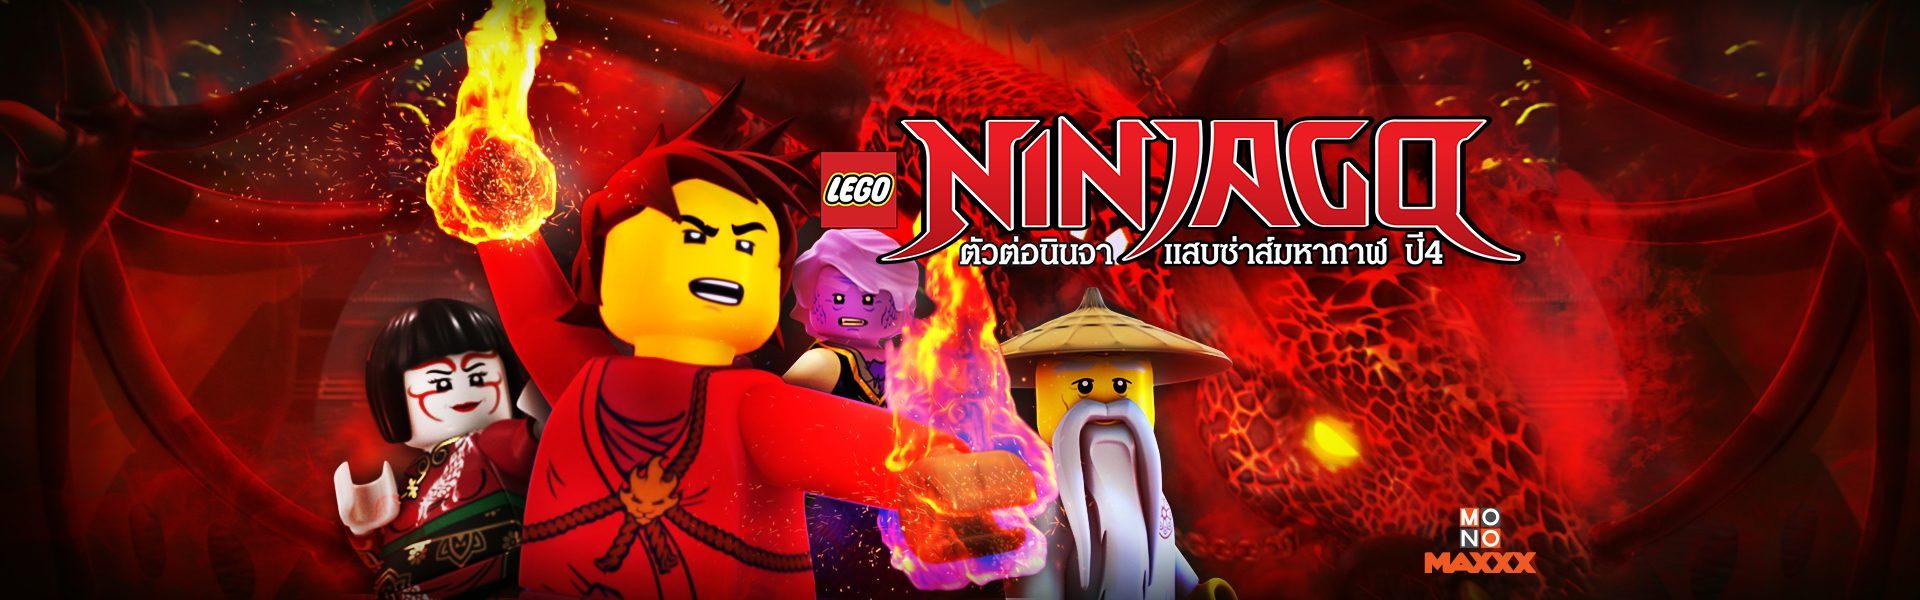 LEGO Ninjago S.04